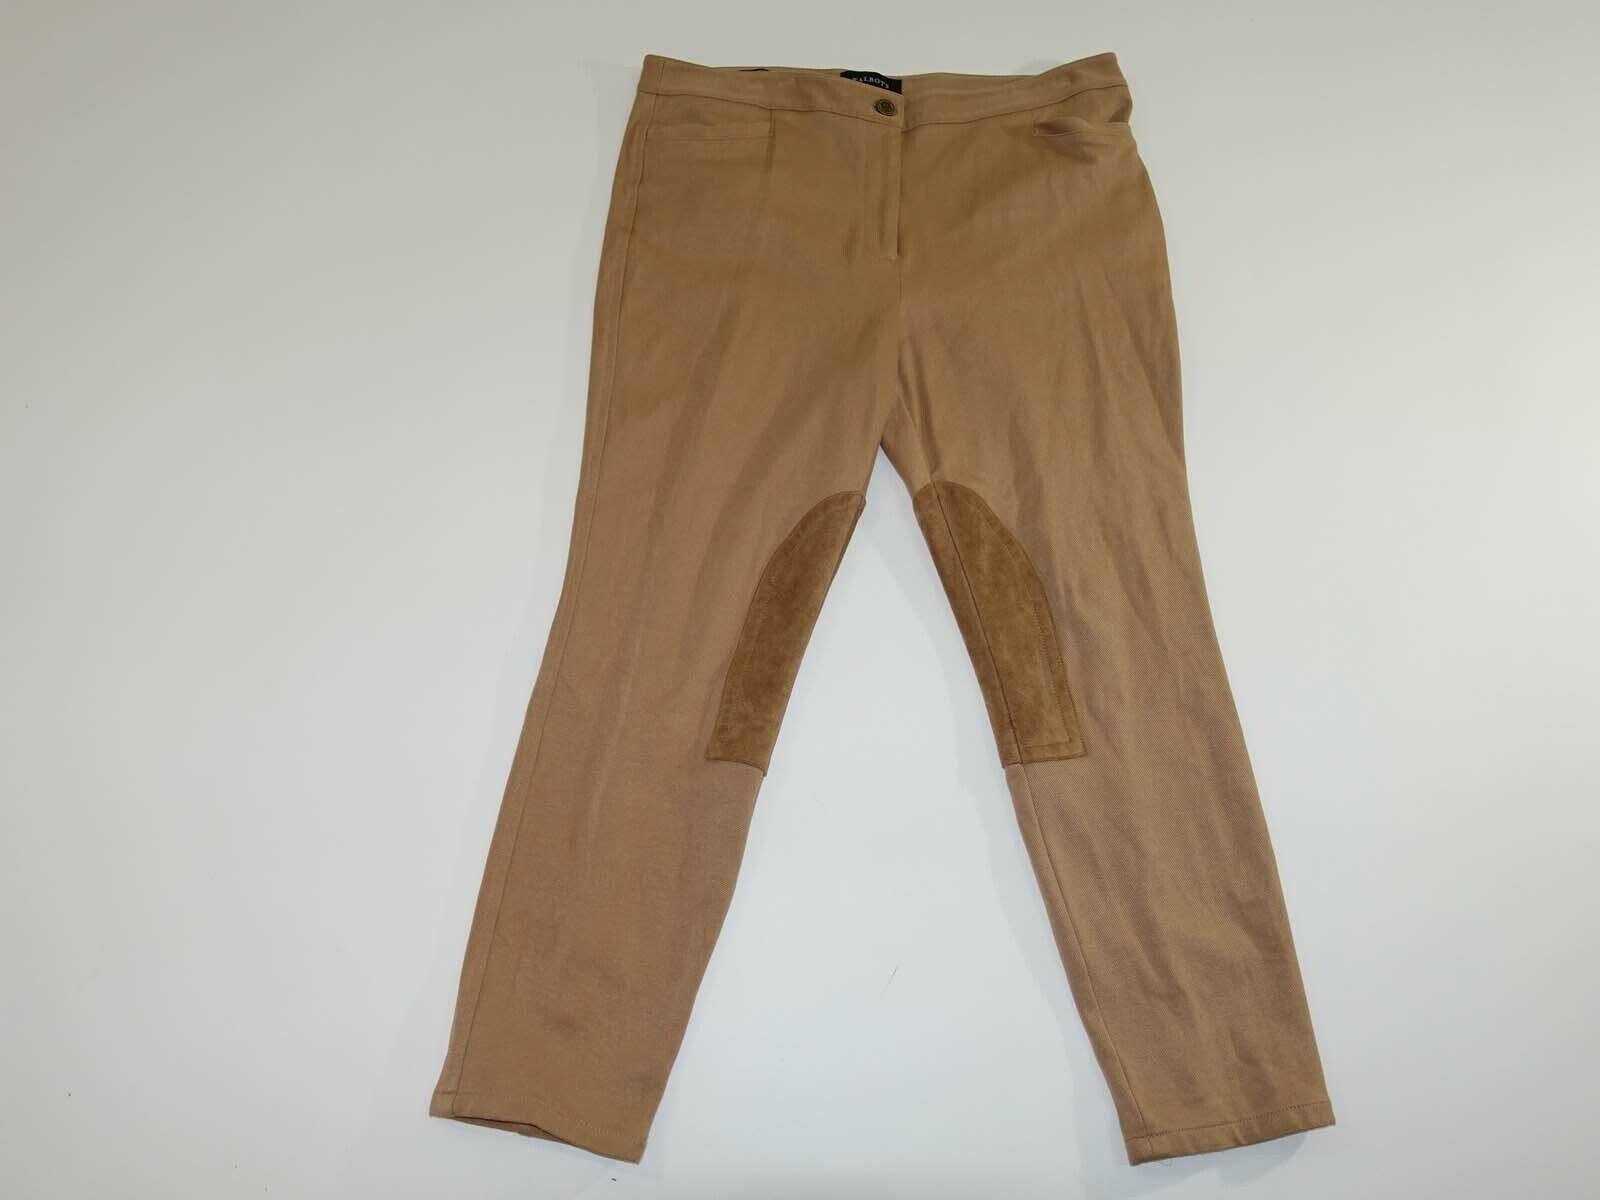 Talbots Damen Judhpur Skinny Knöchel Hosen Größe 14 Petite Beige Flach Vorne 14P